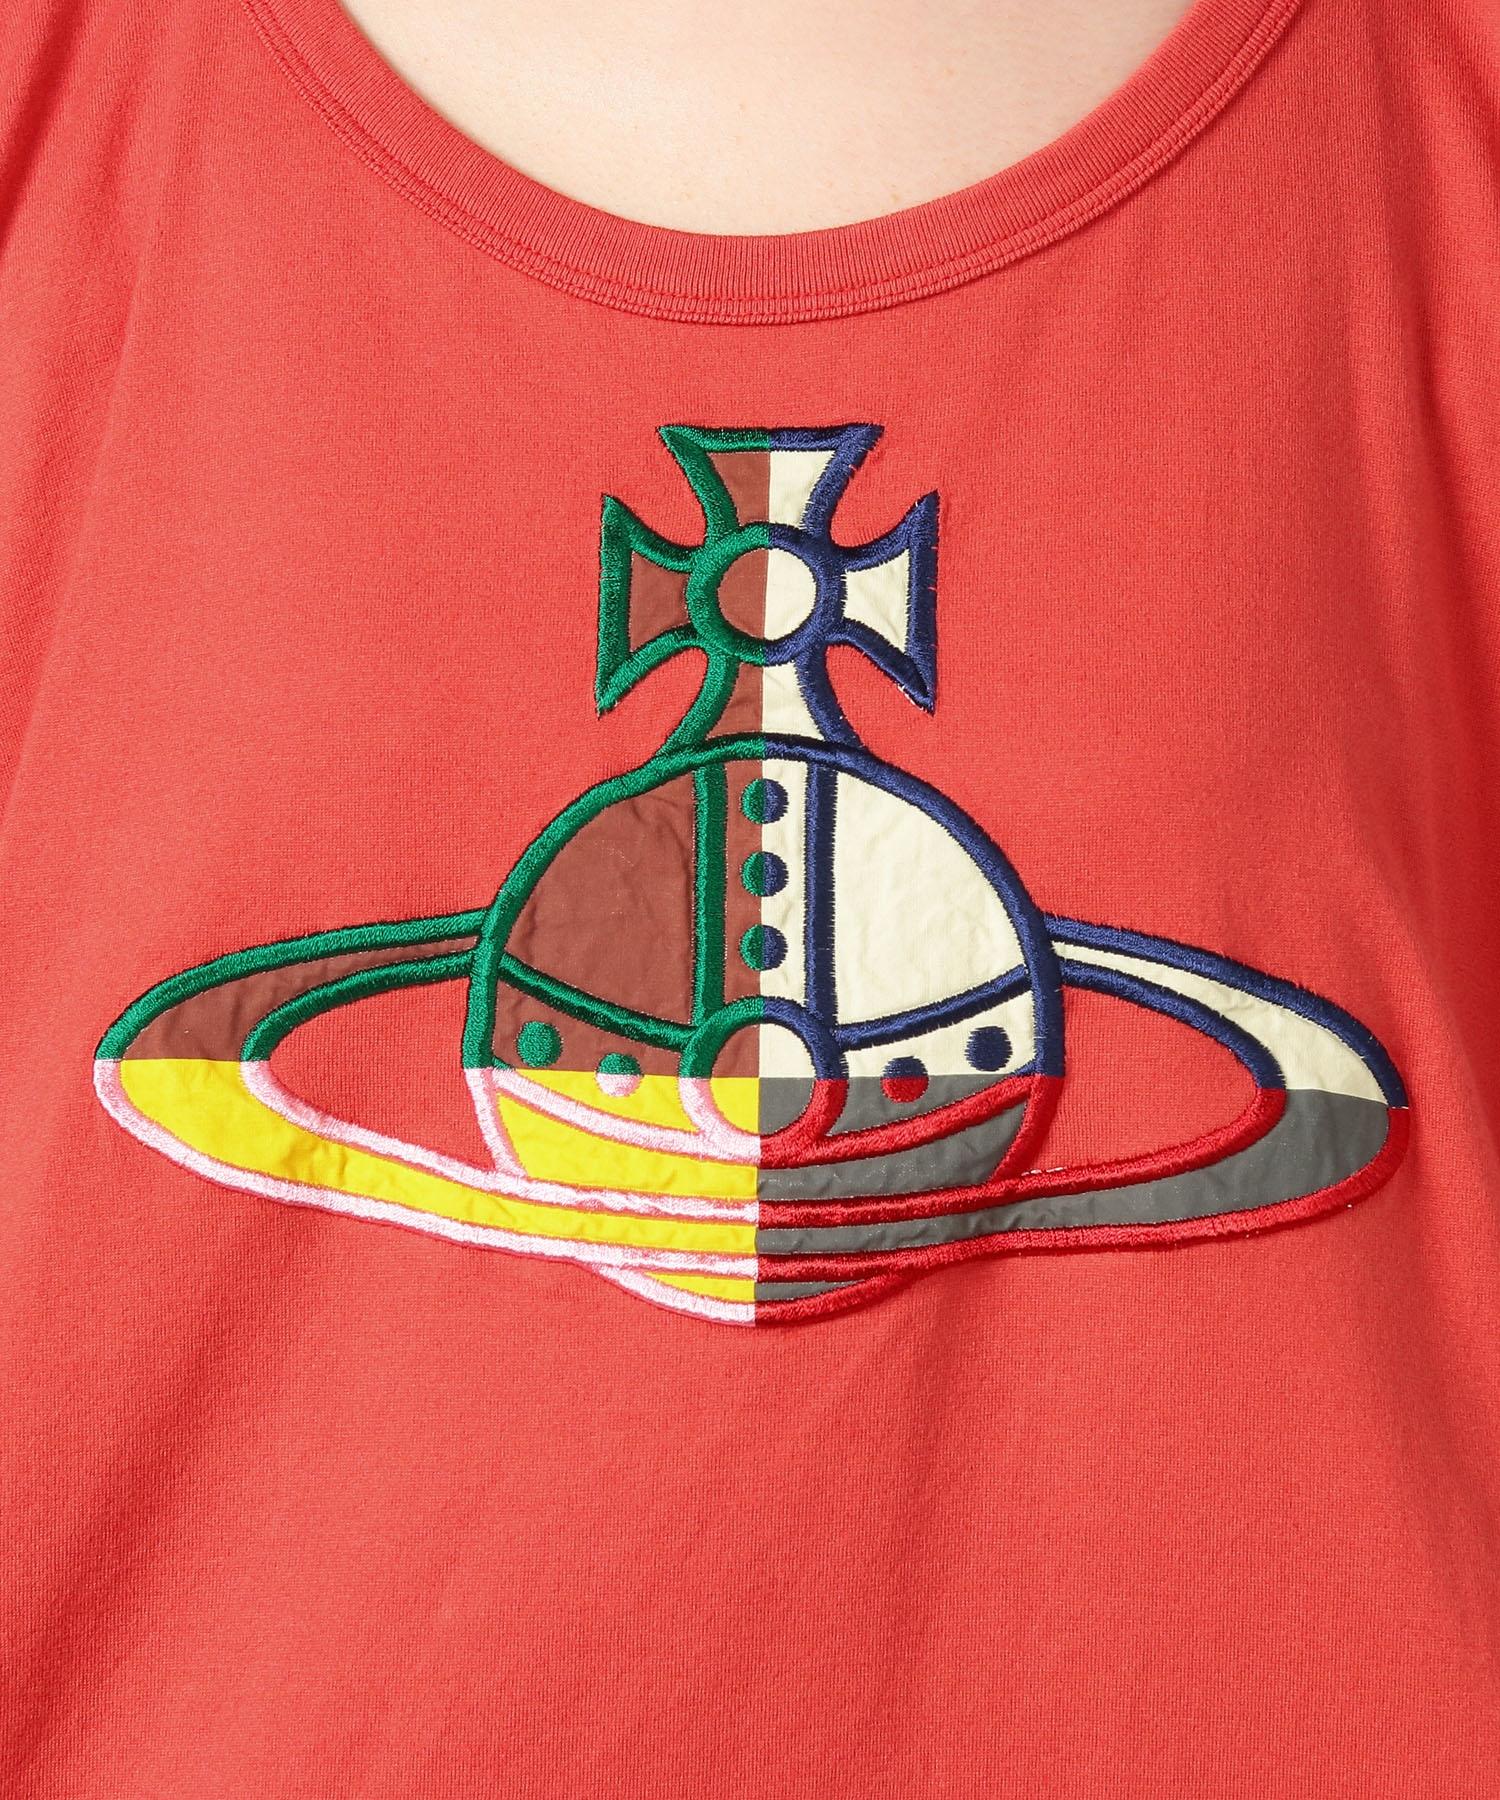 クォーターORBアップリケ刺繍 ビッグTシャツ